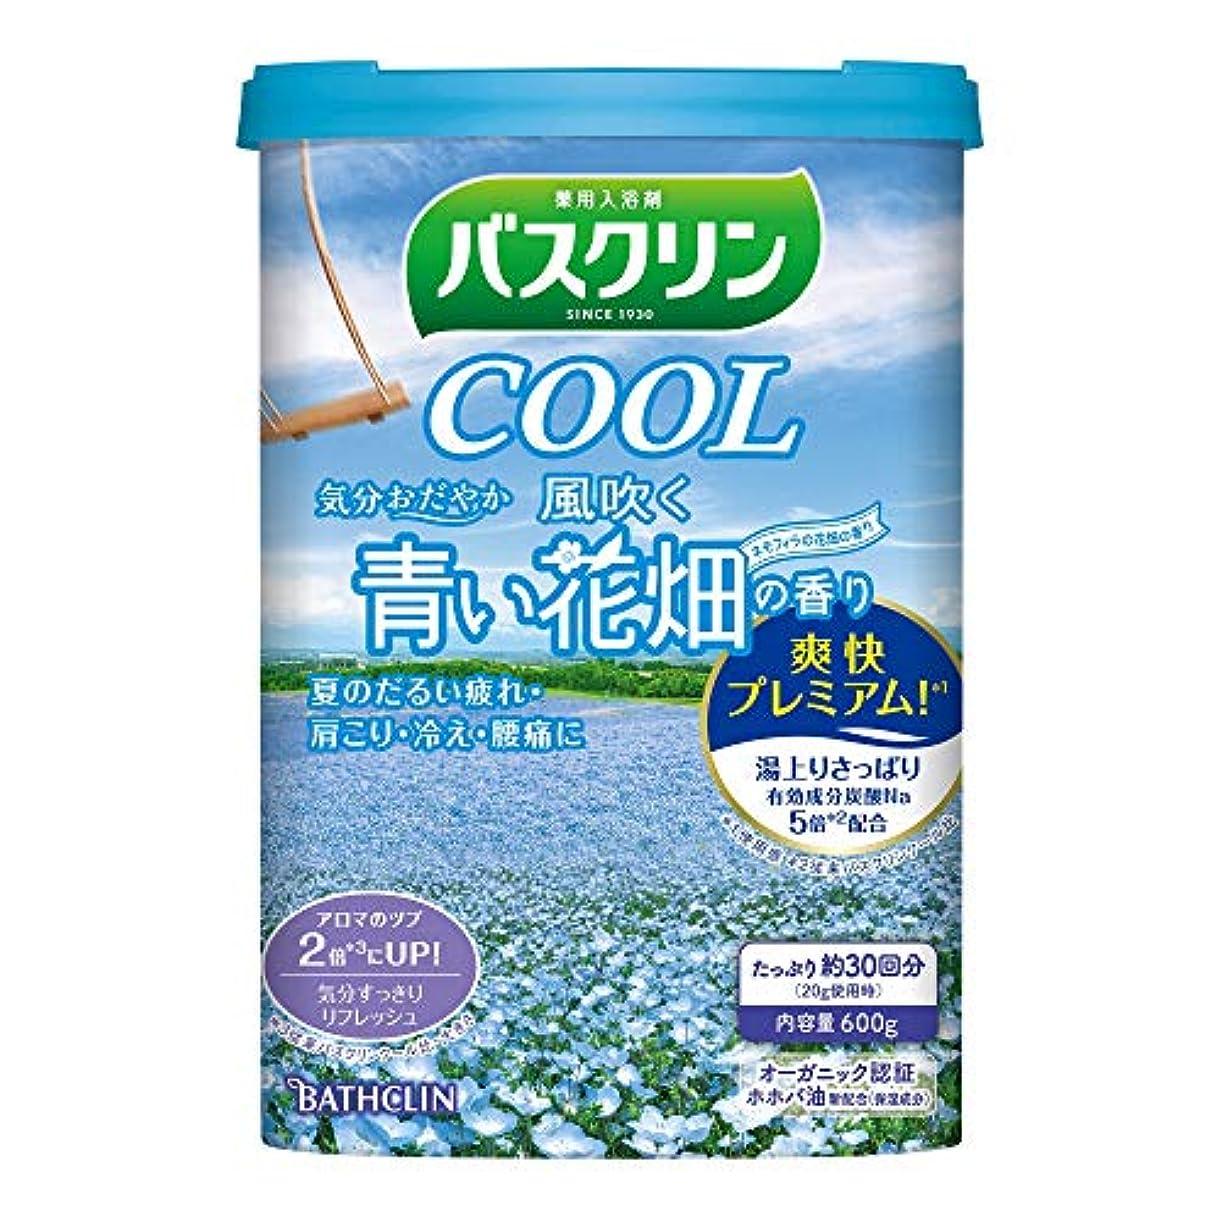 作成する起こりやすいカエル【医薬部外品】バスクリンクール入浴剤 風吹く青い花畑の香り600g クール入浴剤 すっきりさわやか